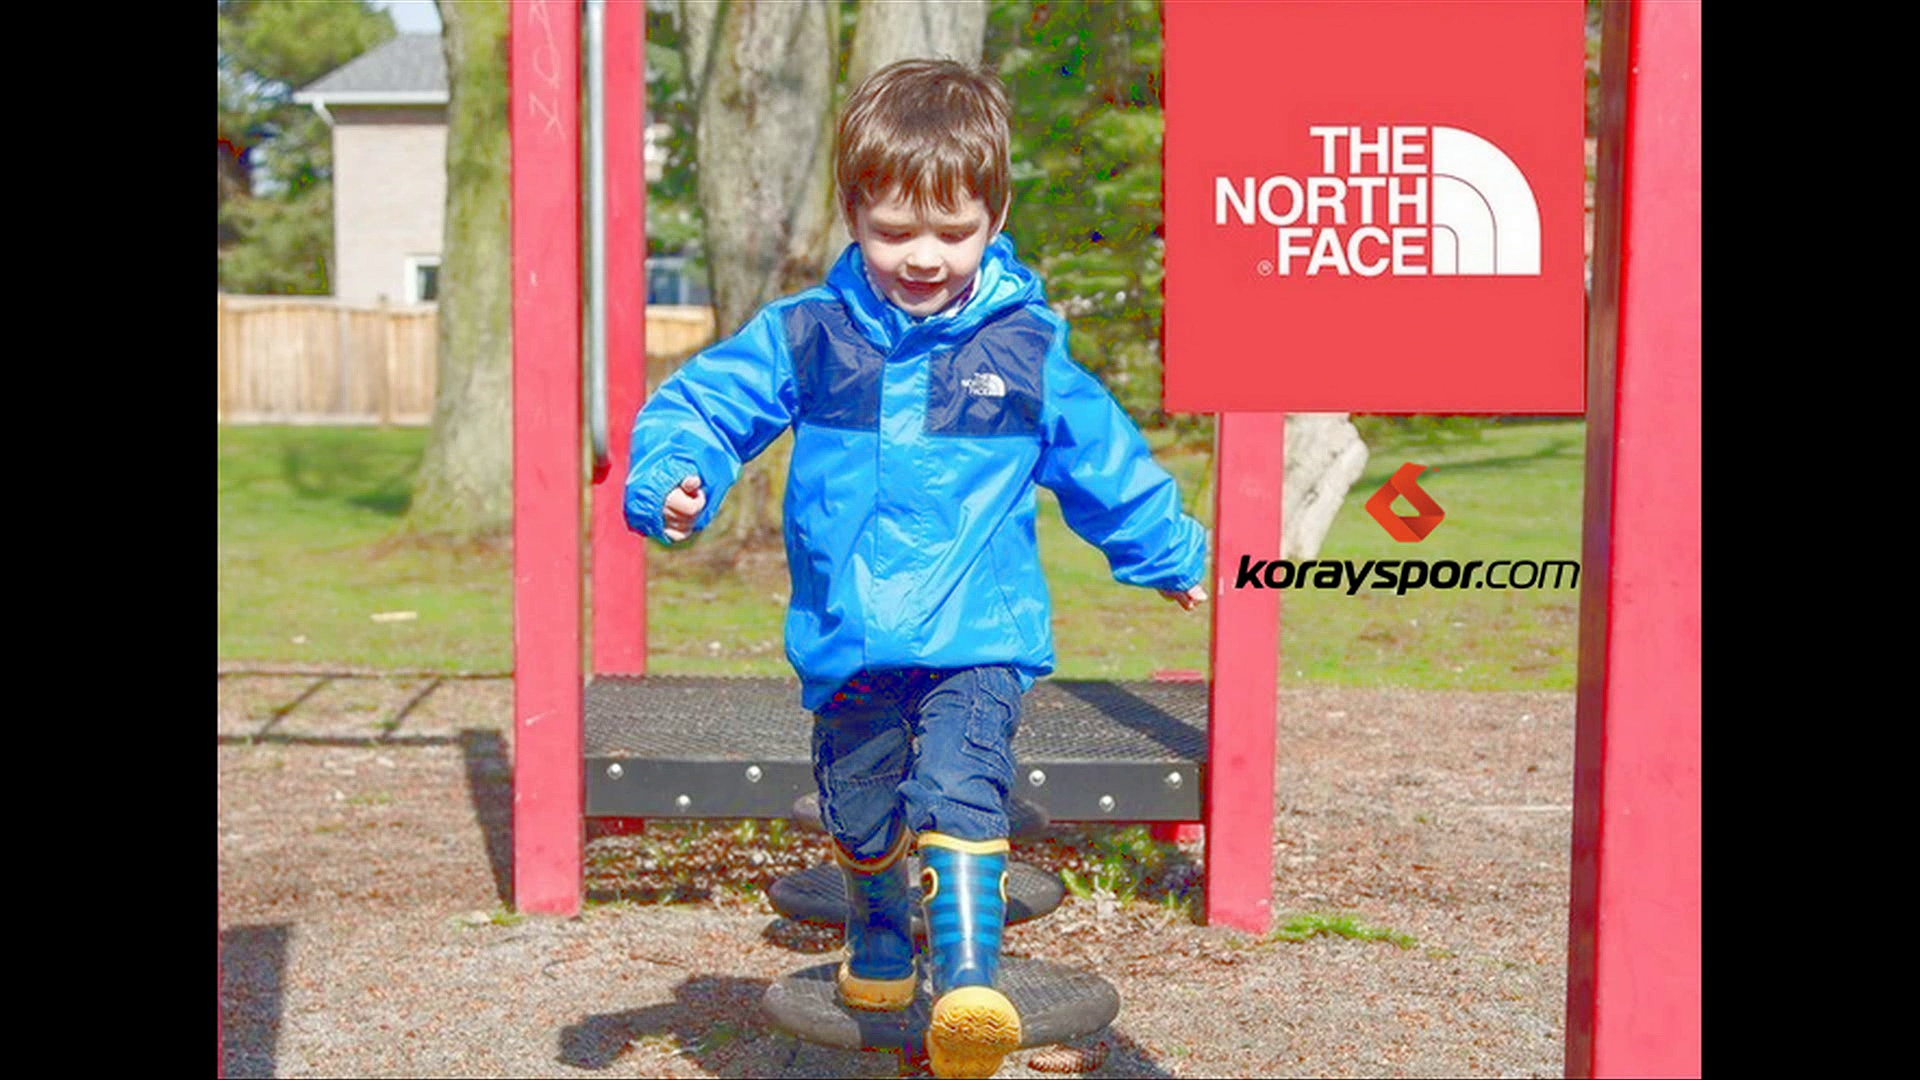 Yeni Sezon North Face Çocuk Montlarında Sezonun Yeni Renkleri ve En Çok Satılanlar